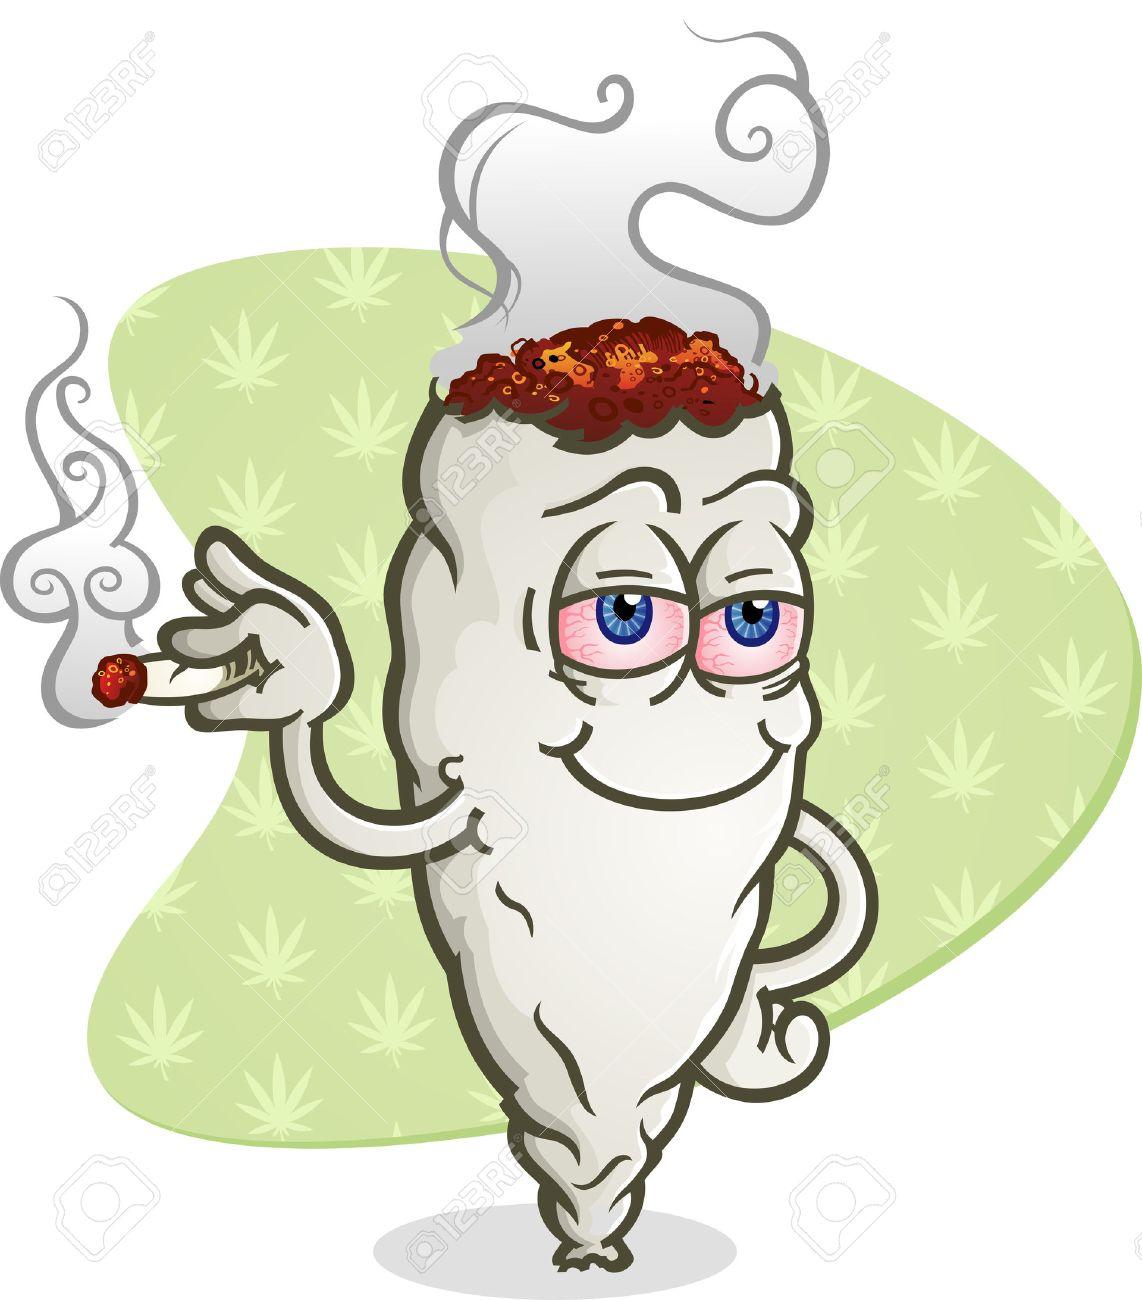 44248684-marijuana-smoking-a-joint-carto